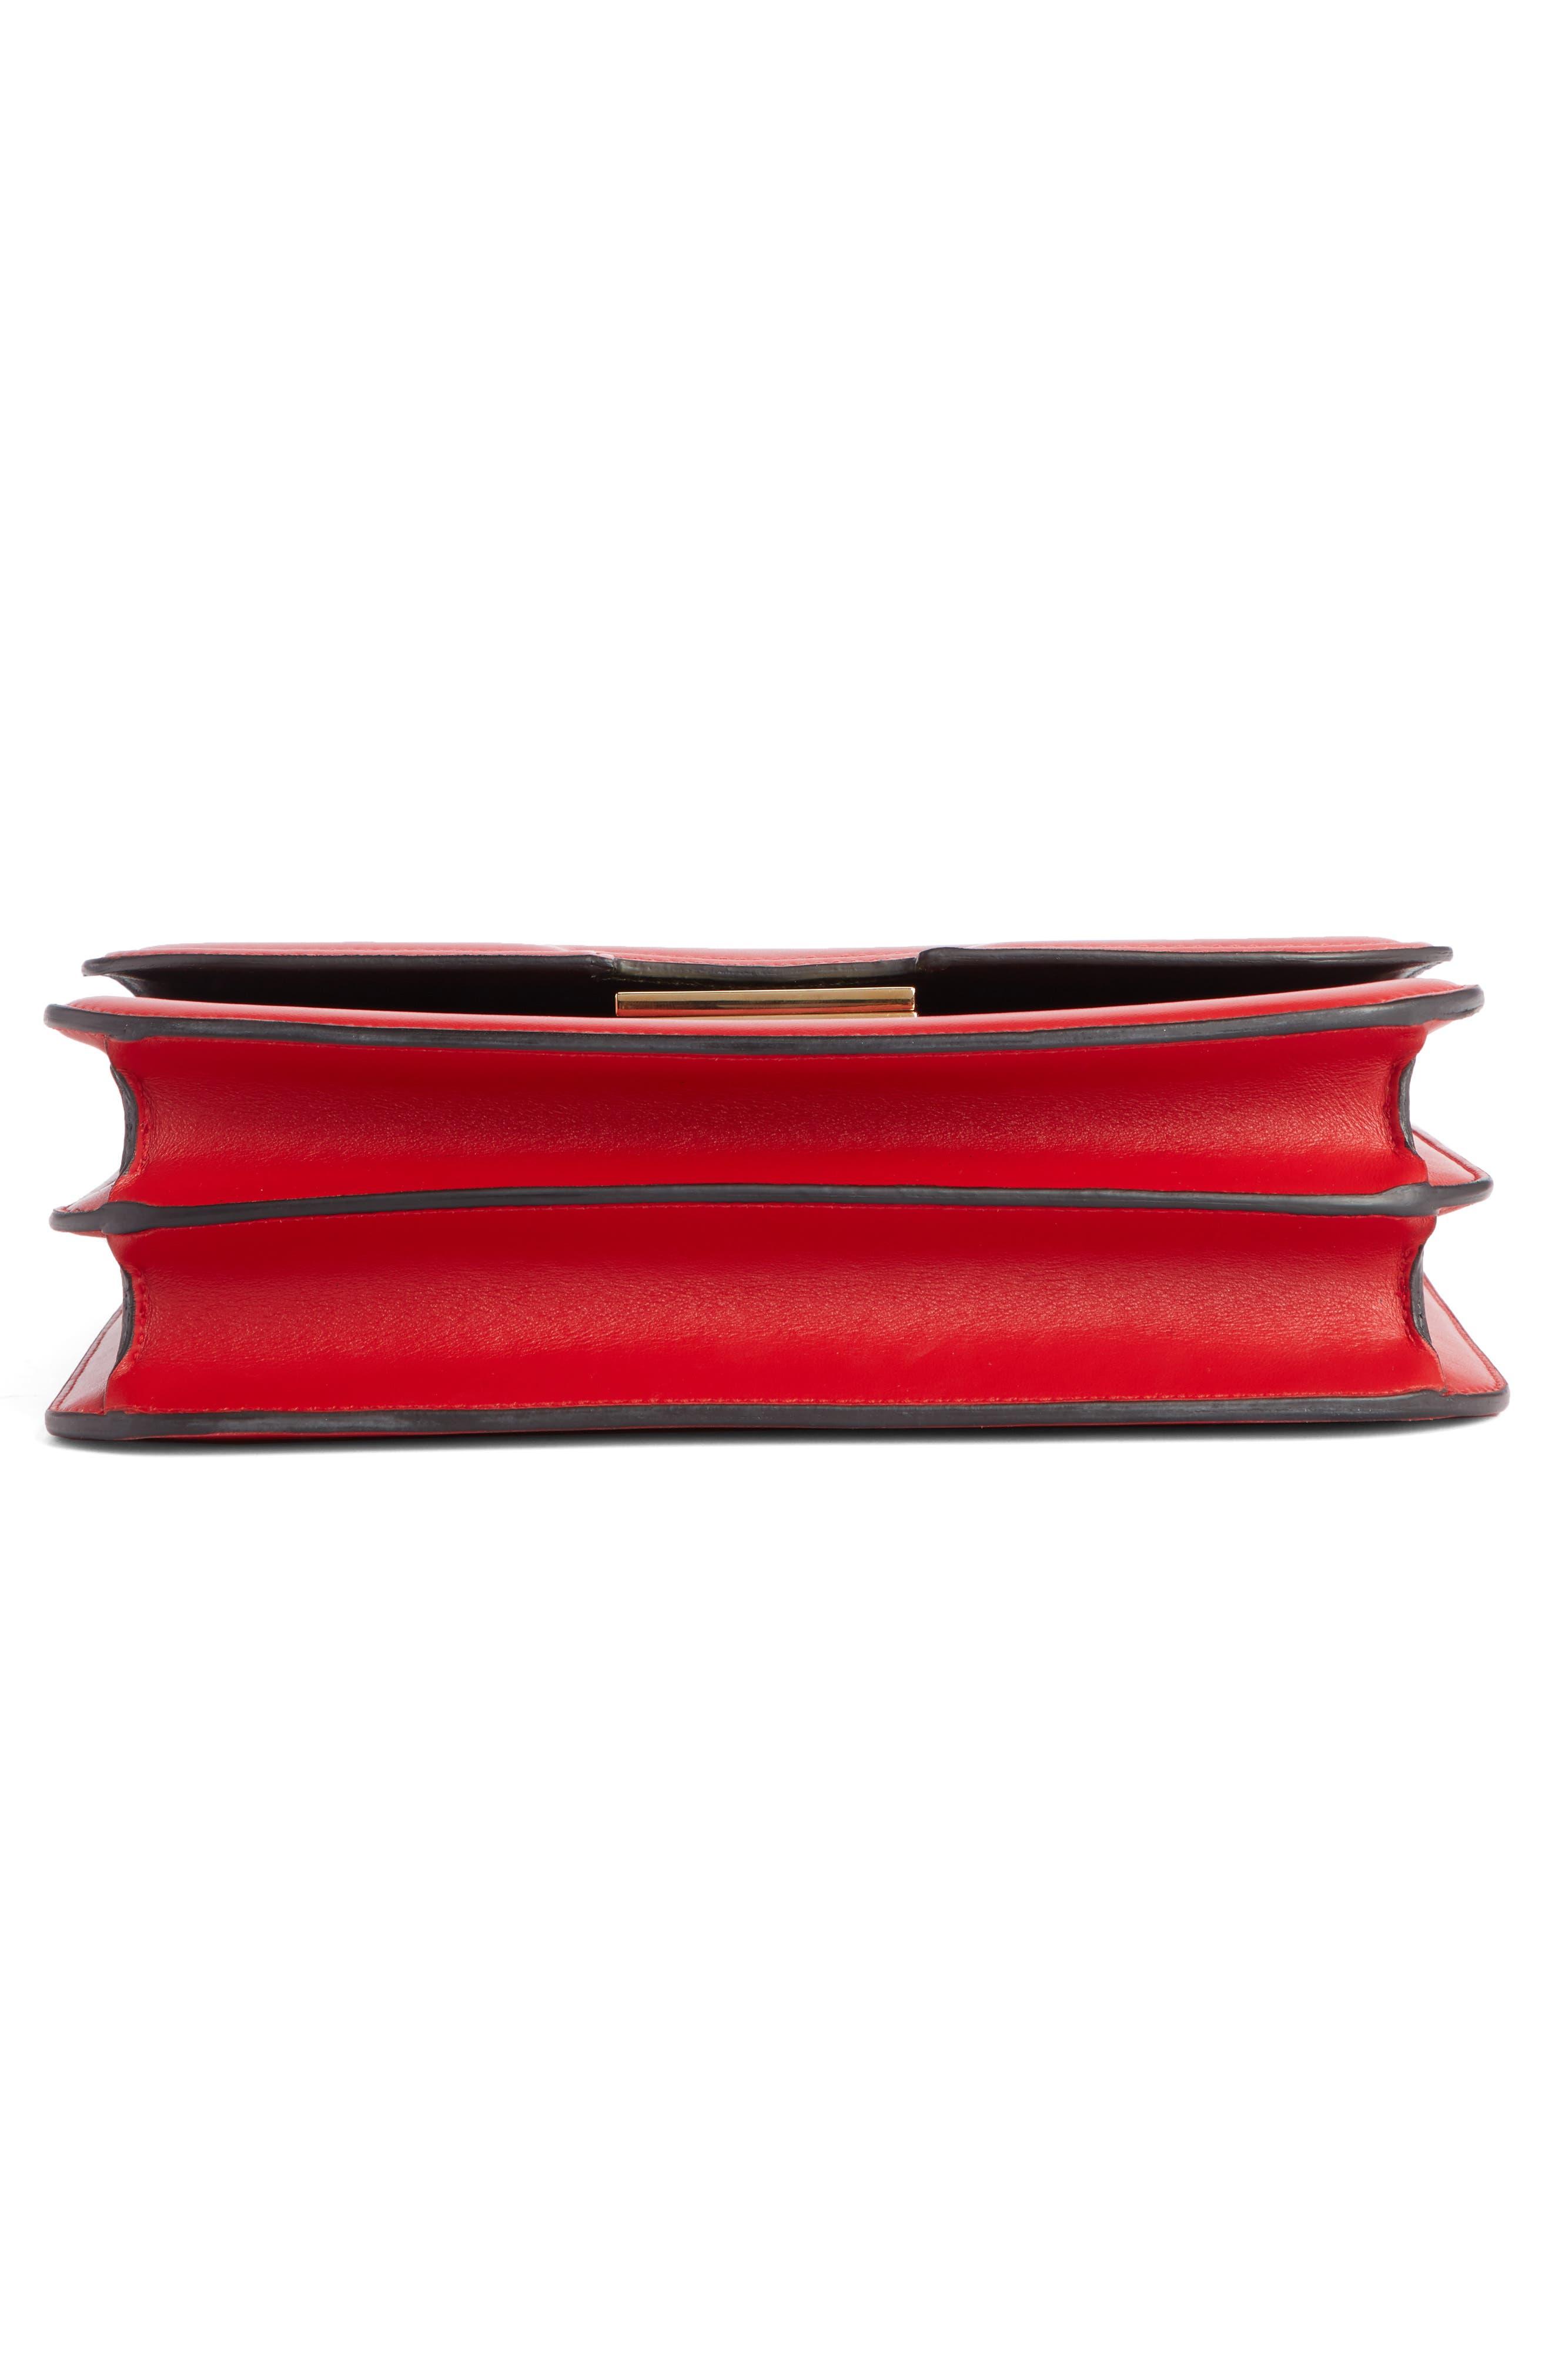 VICTORIA BECKHAM, Eva Leather Shoulder Bag, Alternate thumbnail 5, color, RED